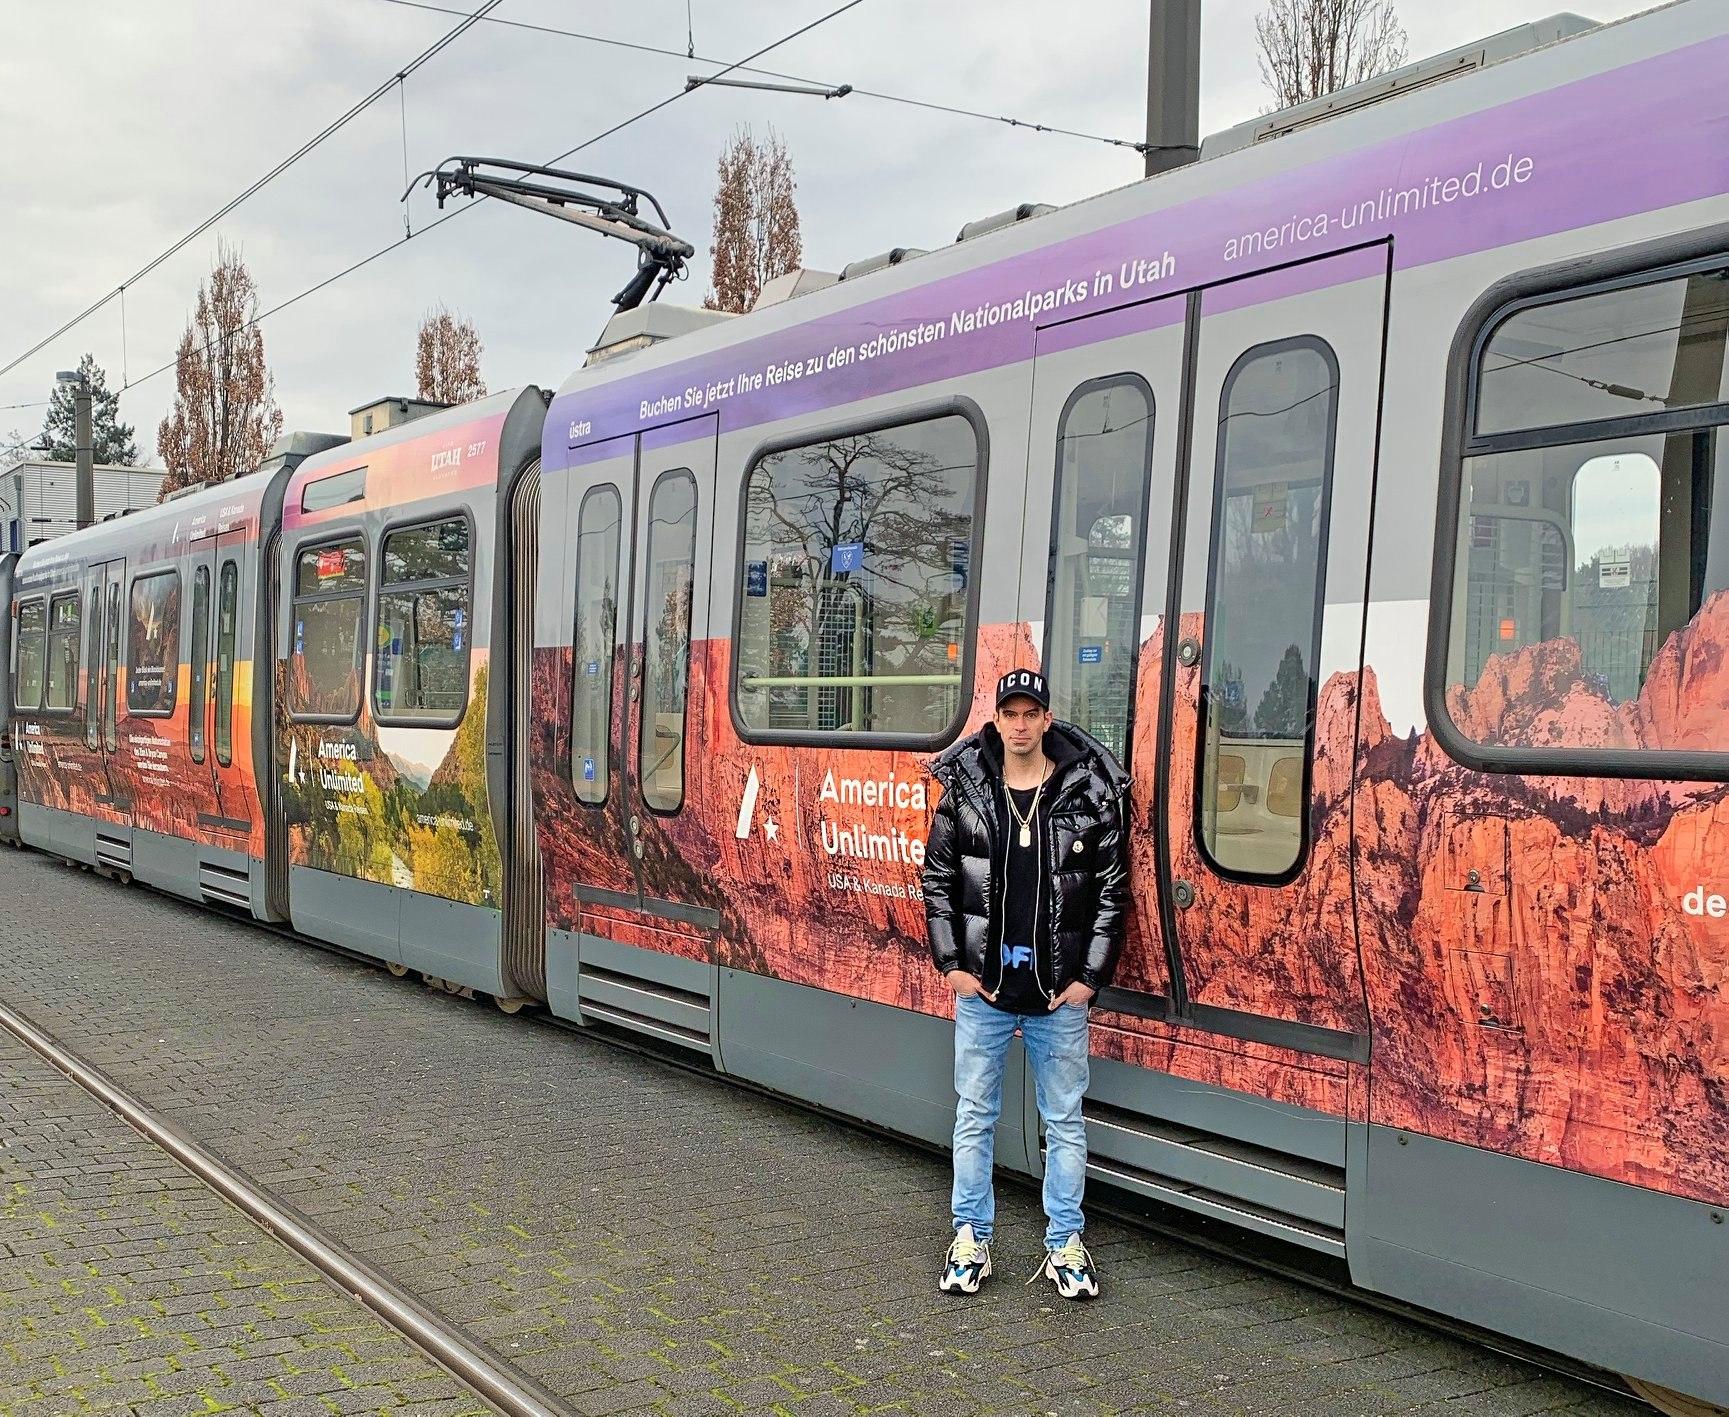 Stadtbahn Visualisierung für America Unlimited